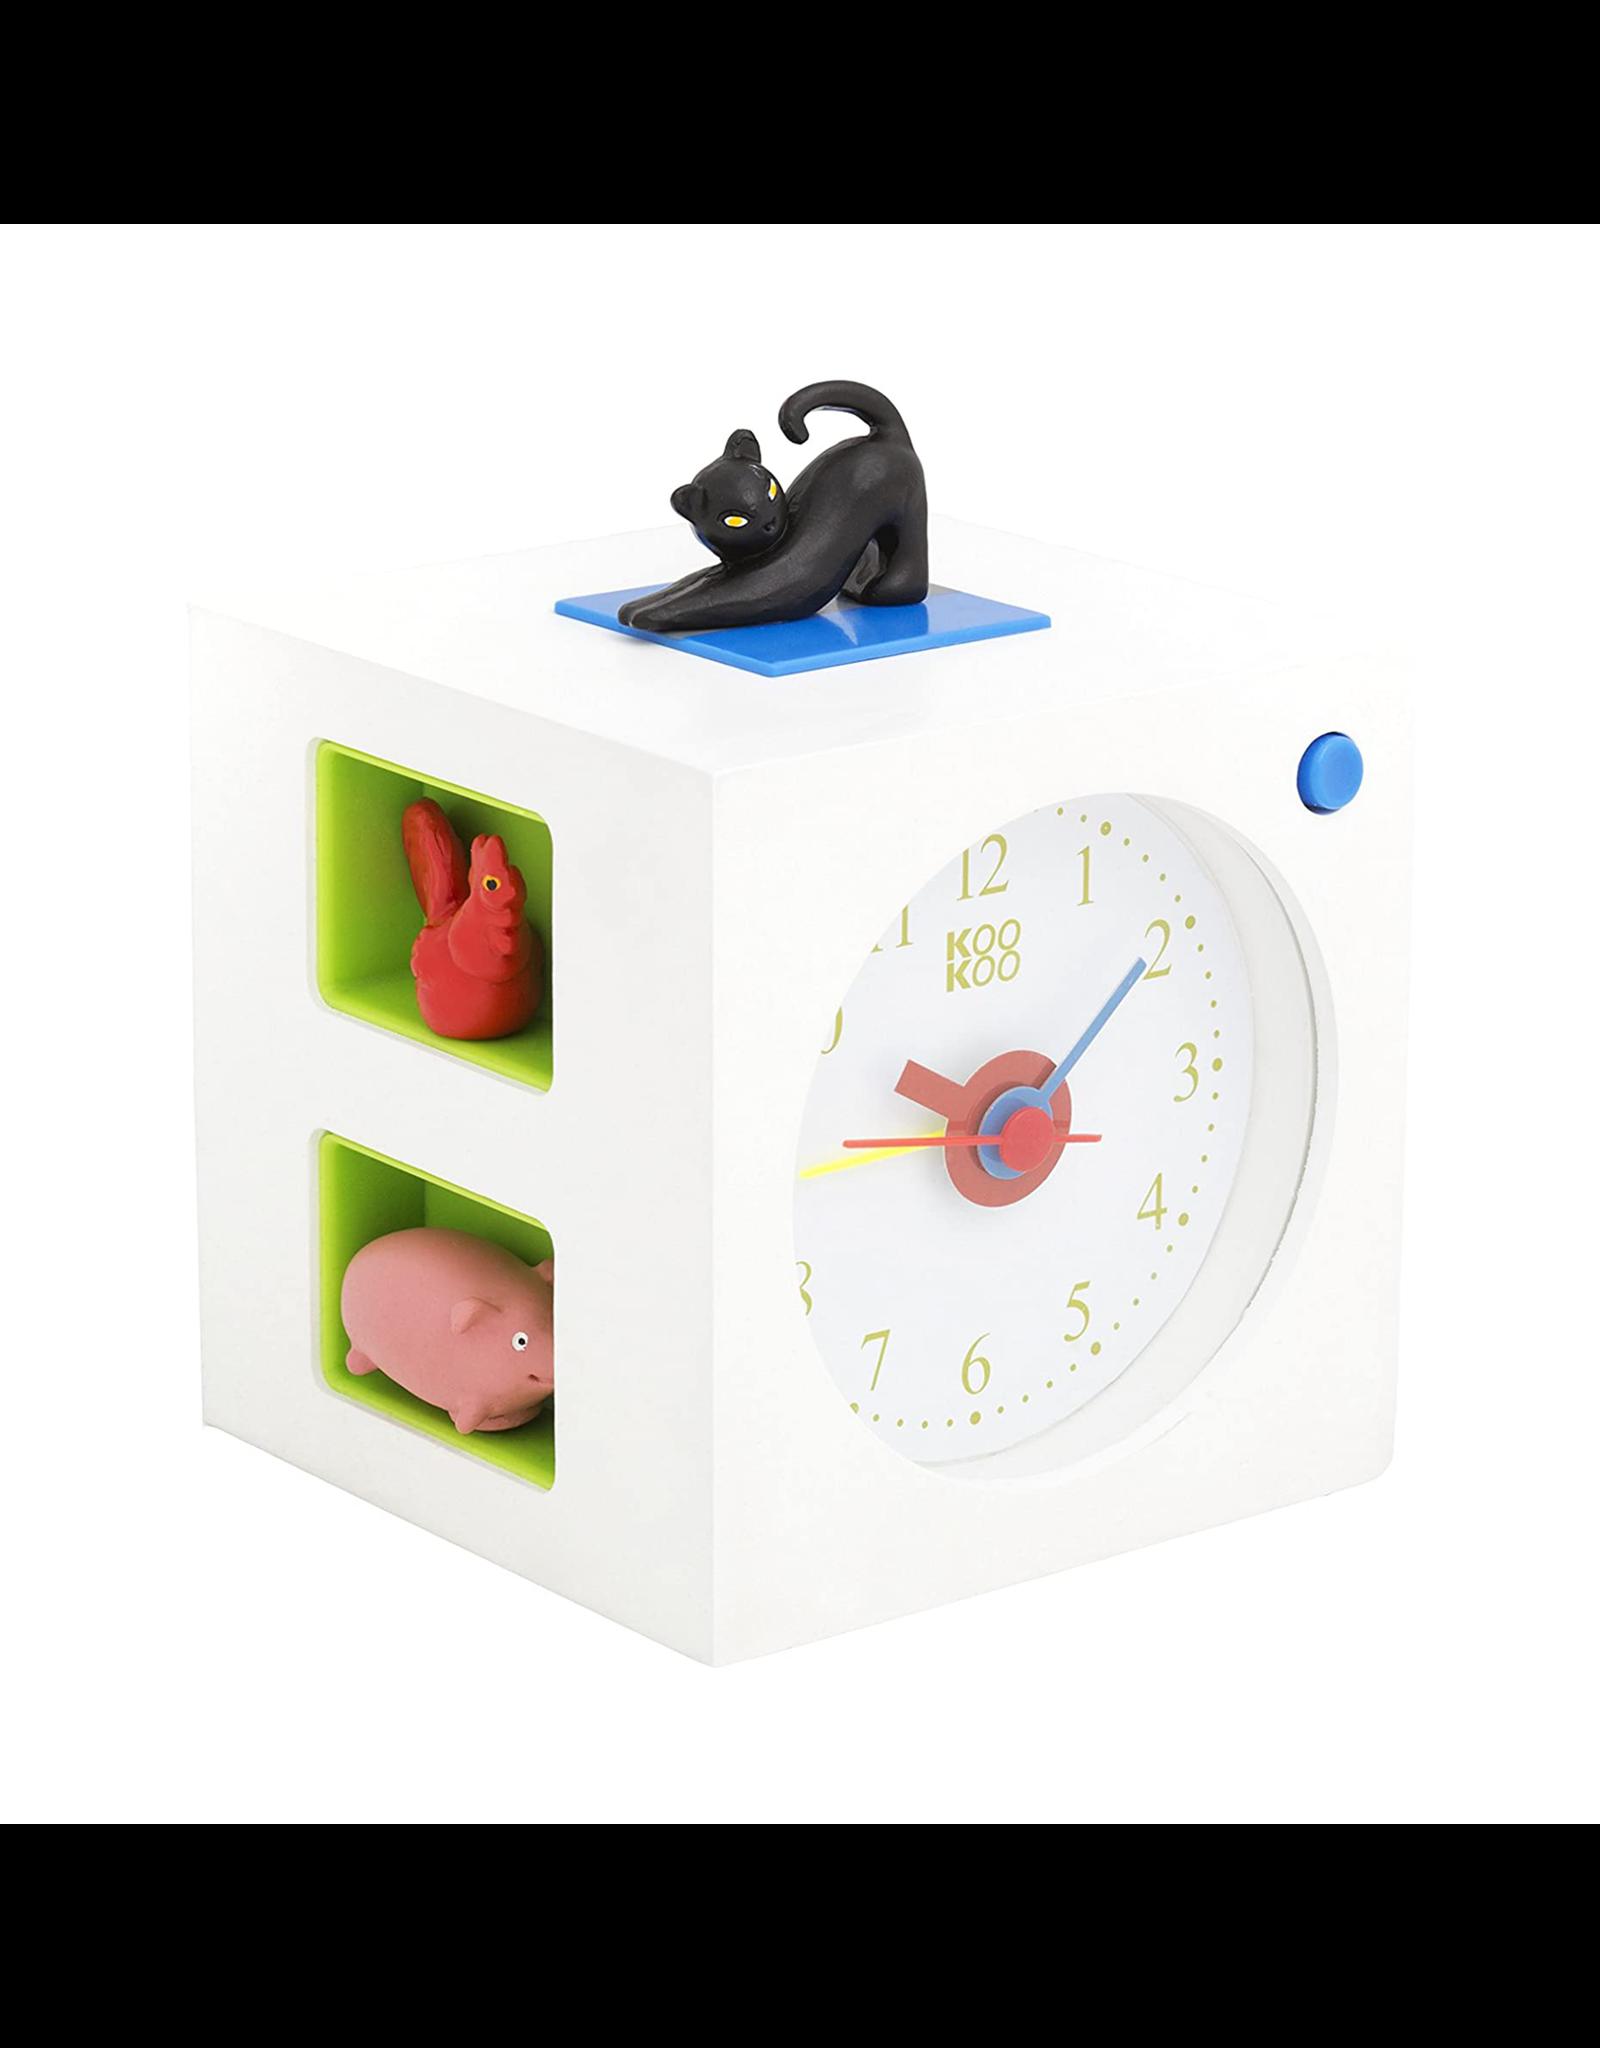 Kookoo Kid's Alarm Clock, White